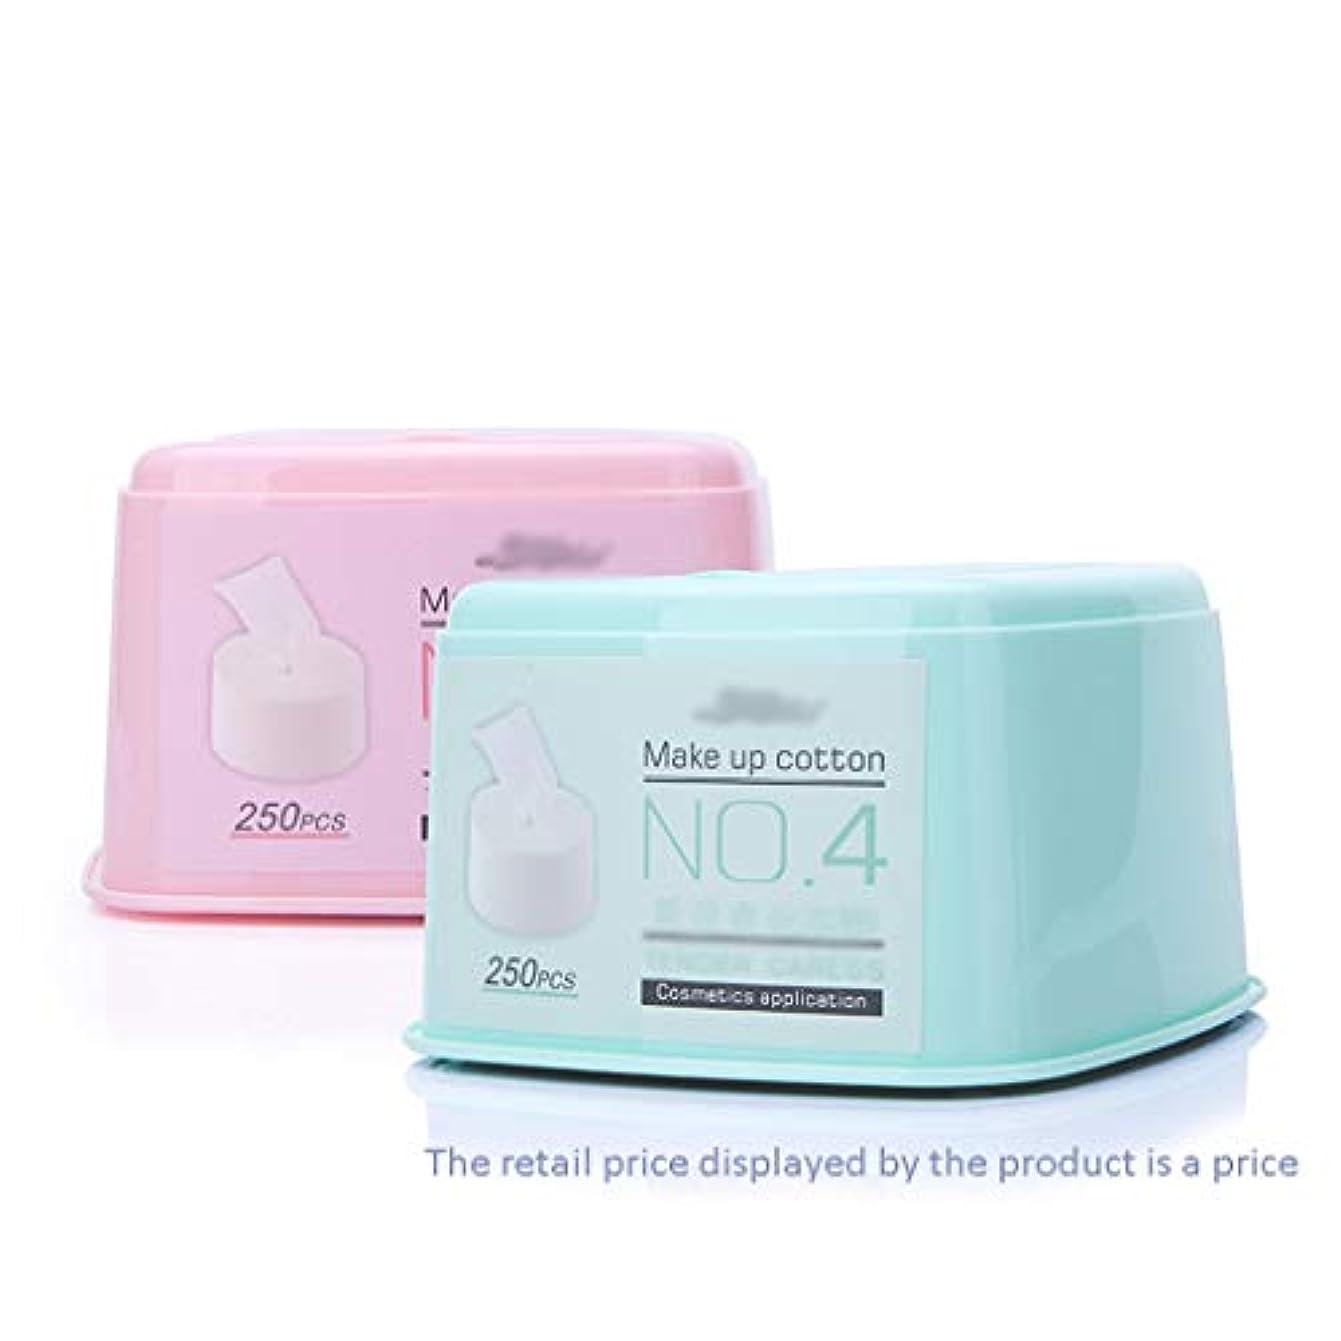 体細胞困難プロフェッショナルクレンジングシート 250ピース使い捨て高品質コットンパッドソフト削除きれいな顔クレンジングフェイシャルメイク削除パフマット (Color : Blue)